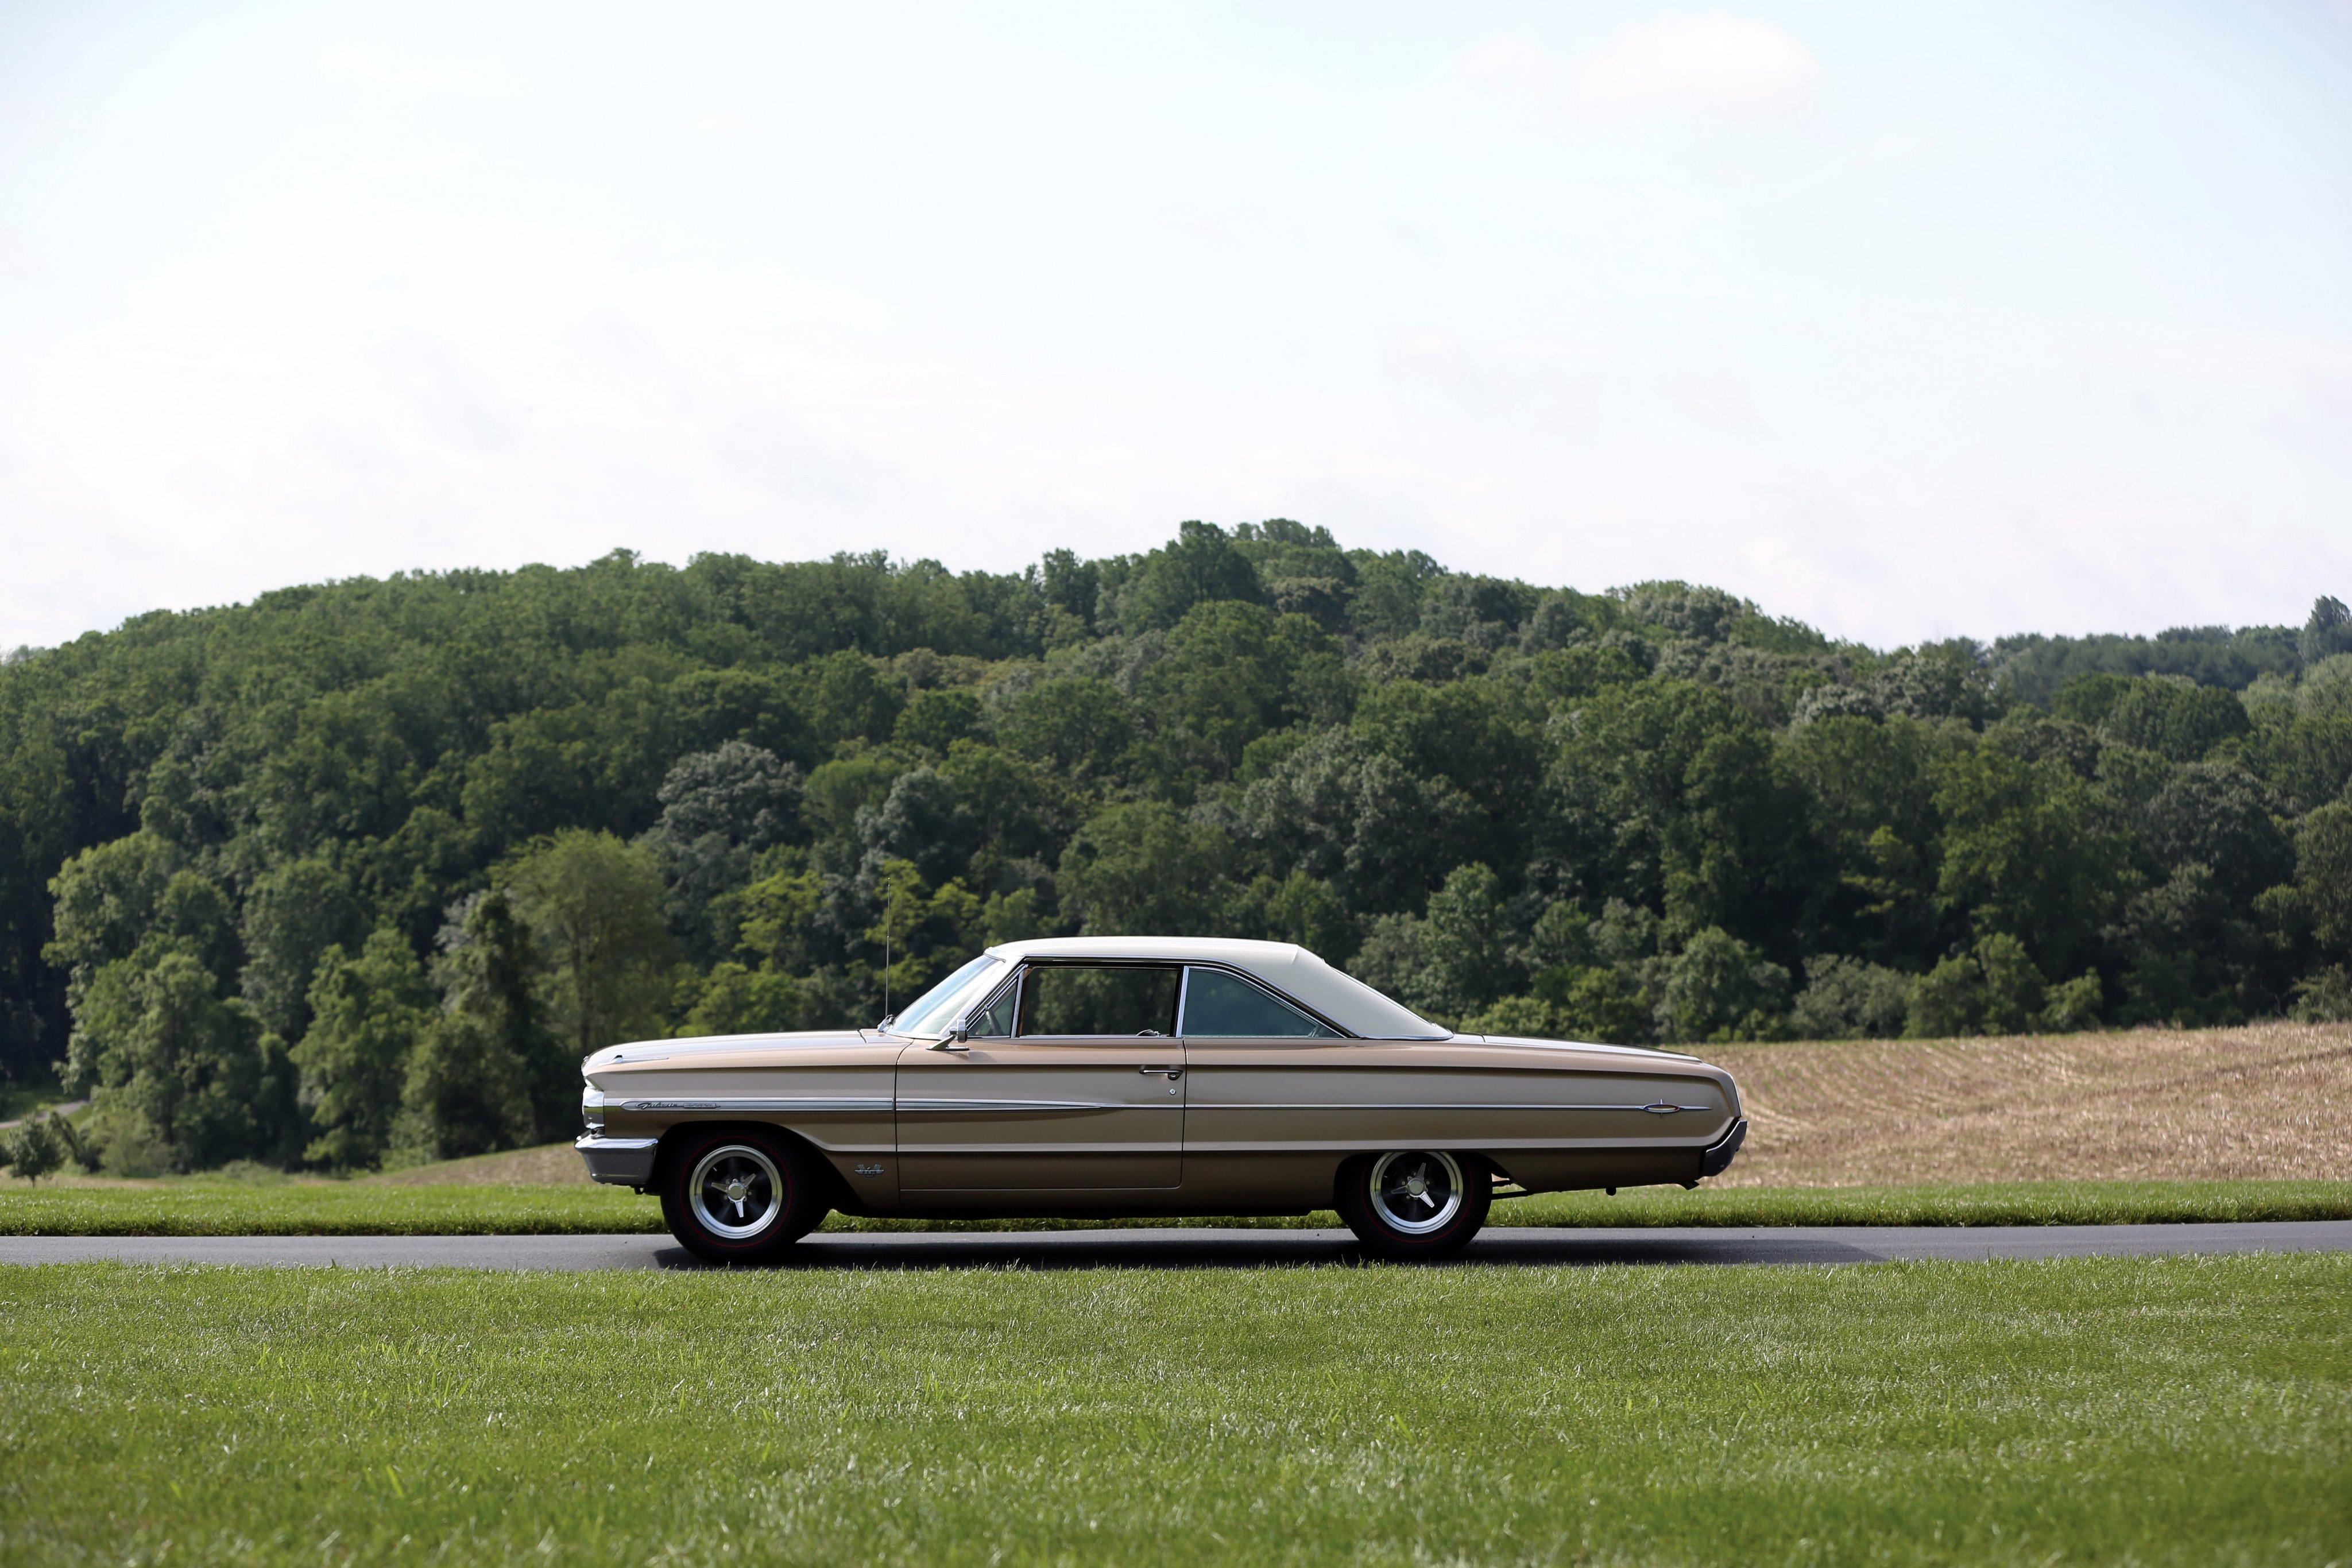 1964 Ford Galaxie 500 X L Club Victoria Luxury Classic Wallpaper Xl 4096x2731 872646 Wallpaperup